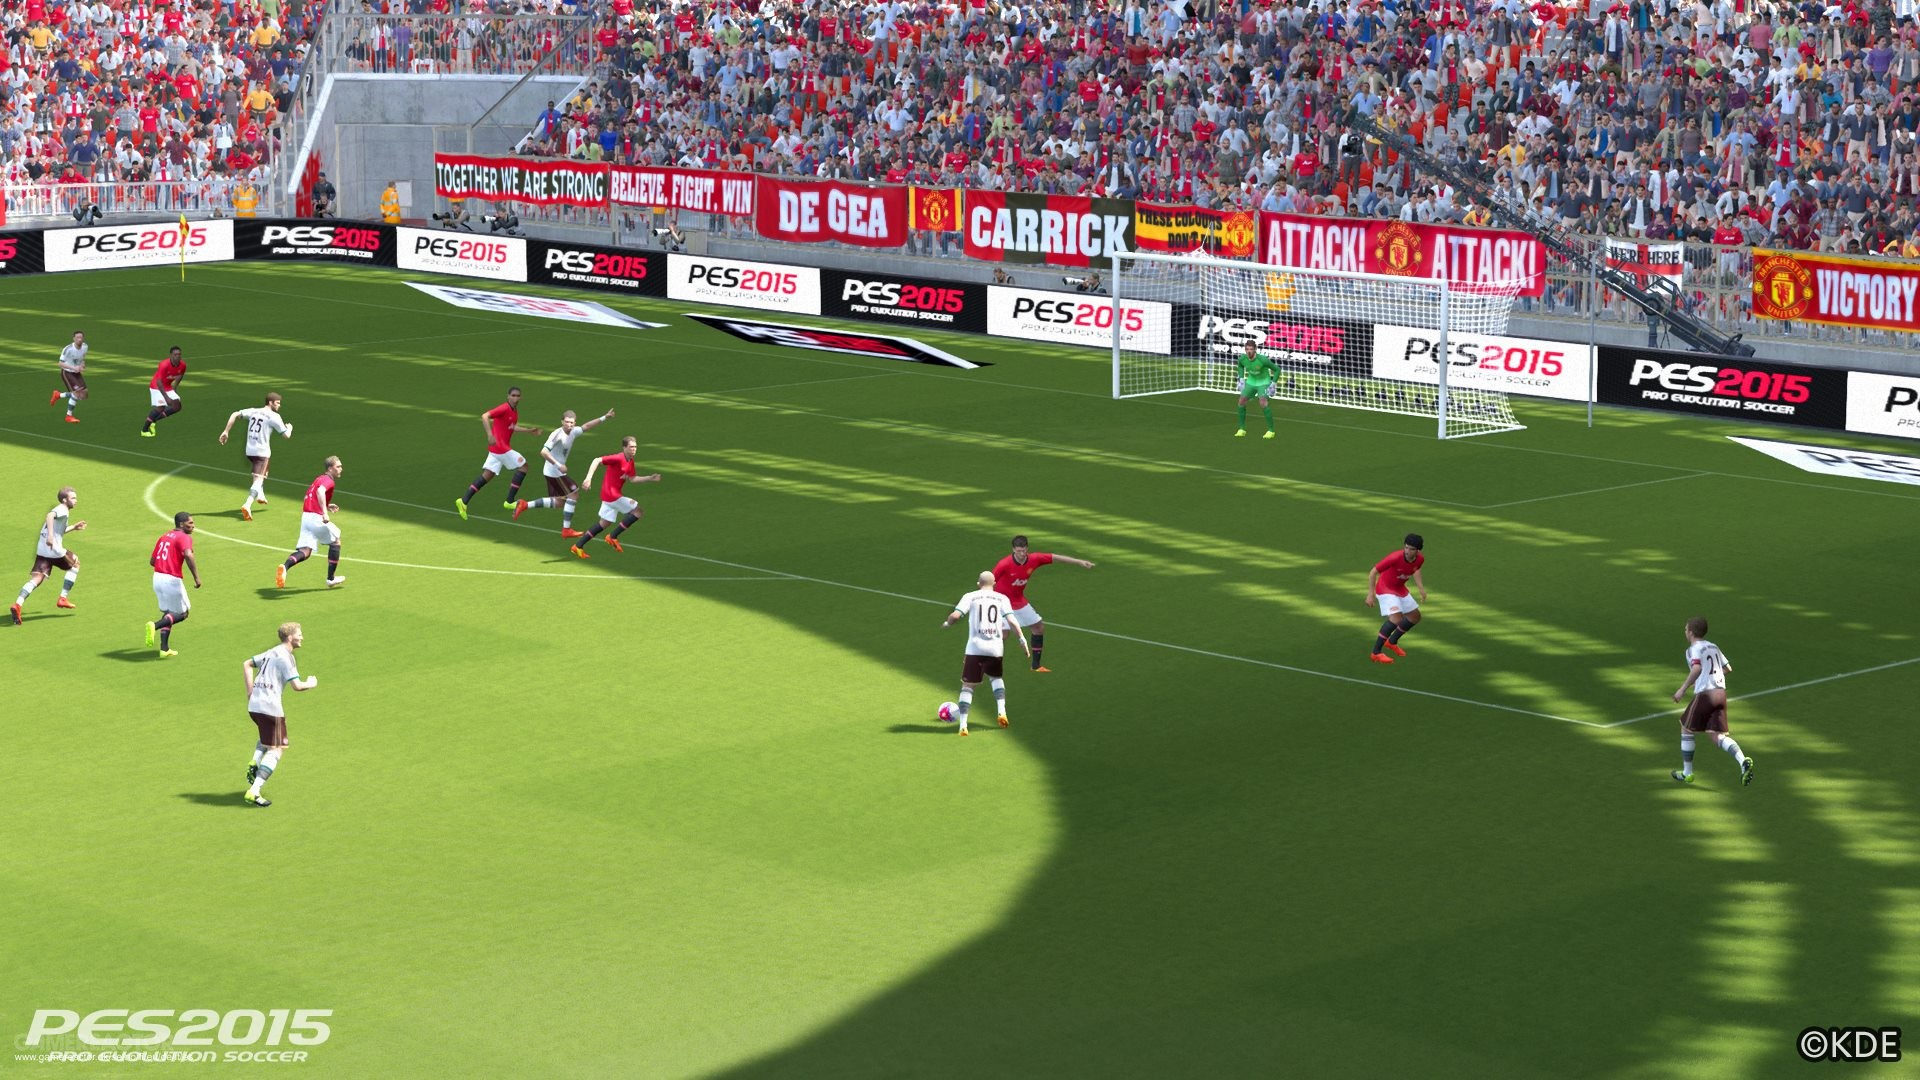 PS3 Games] – Pro Evolution Soccer 2015 (PES 2015) | LionDK